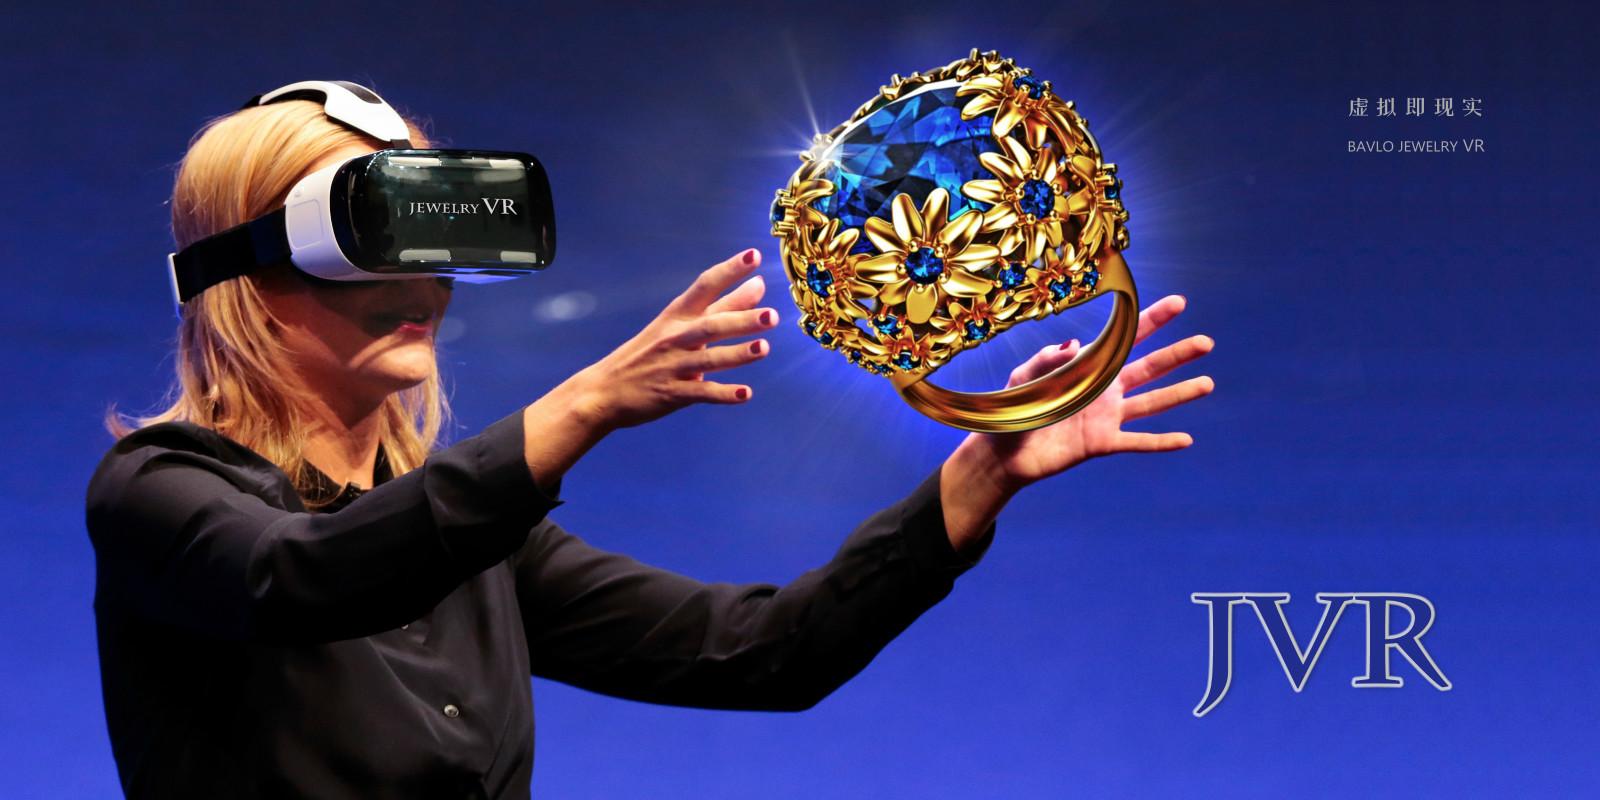 宝珑 BAVLo 虚拟现实 JVR 珠宝个性化定制